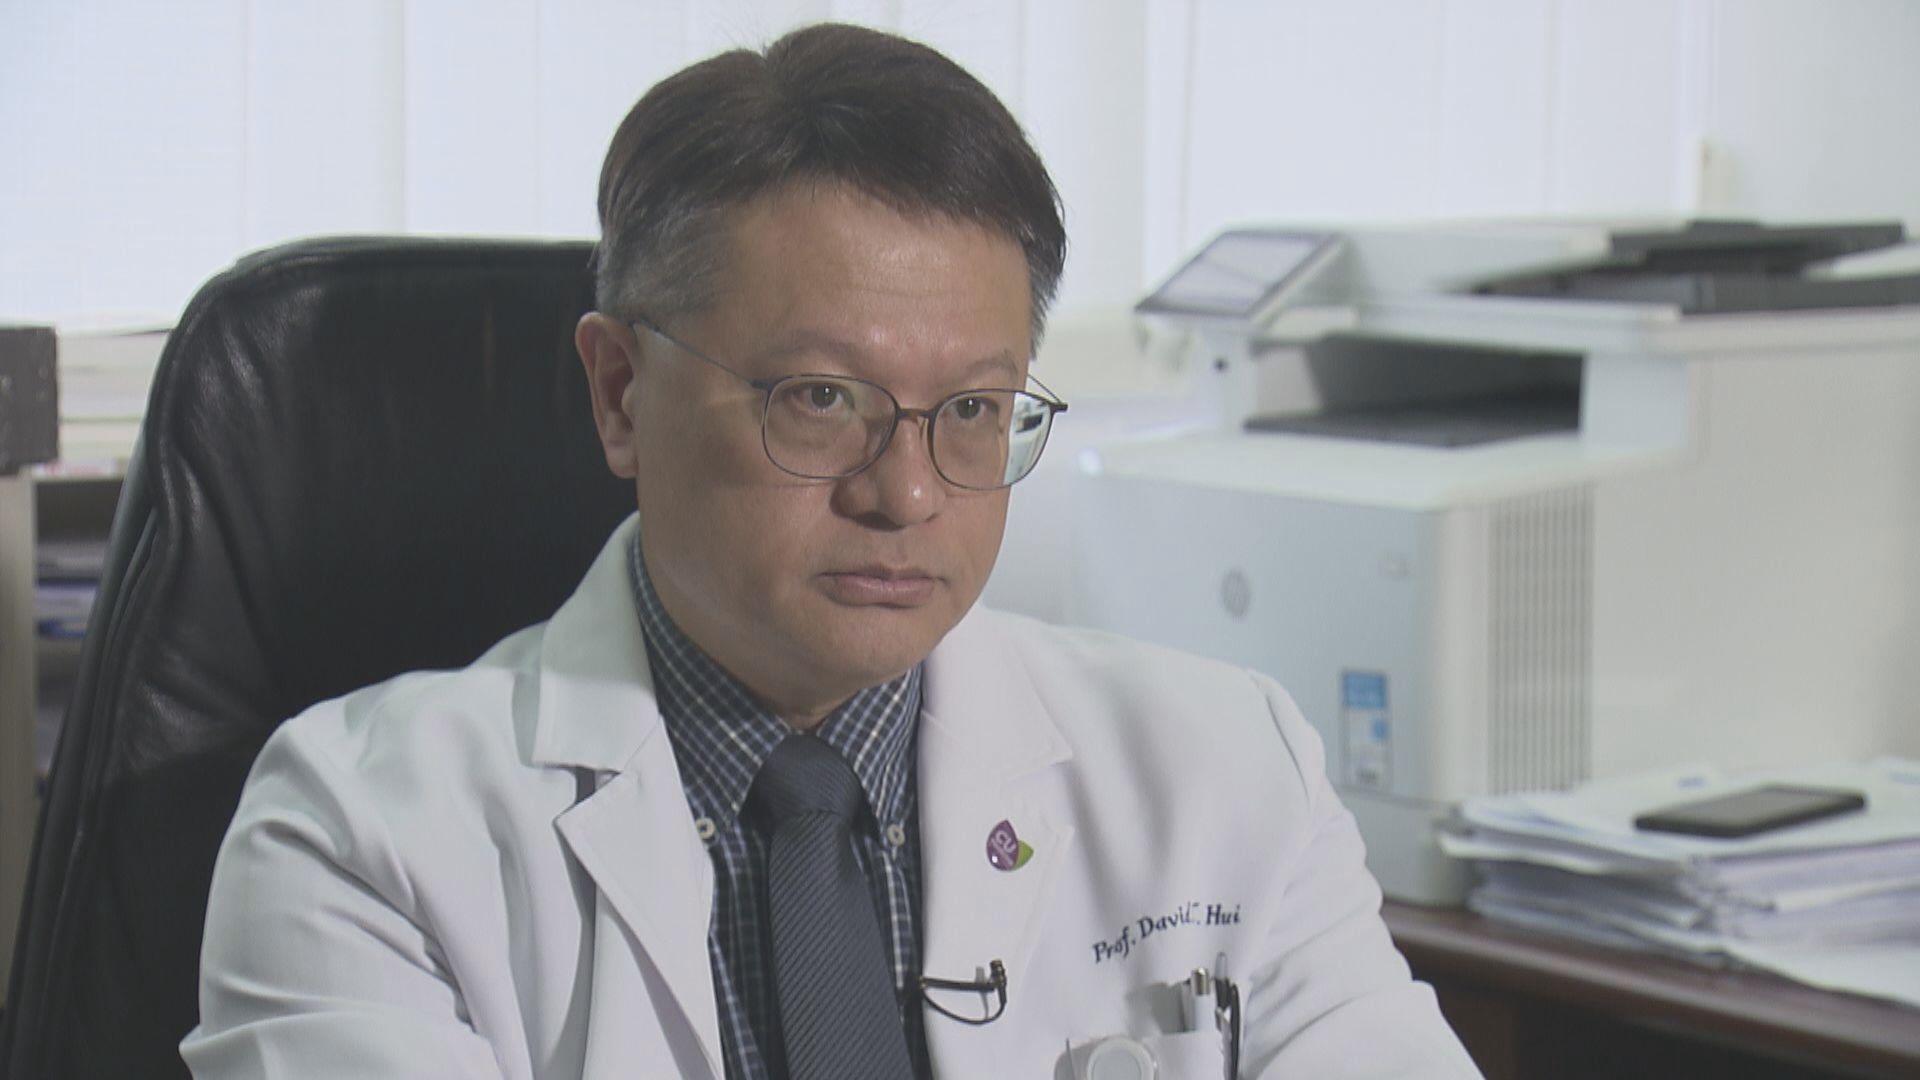 許樹昌:42歲確診女死者氣喘三天才入院耽誤治療